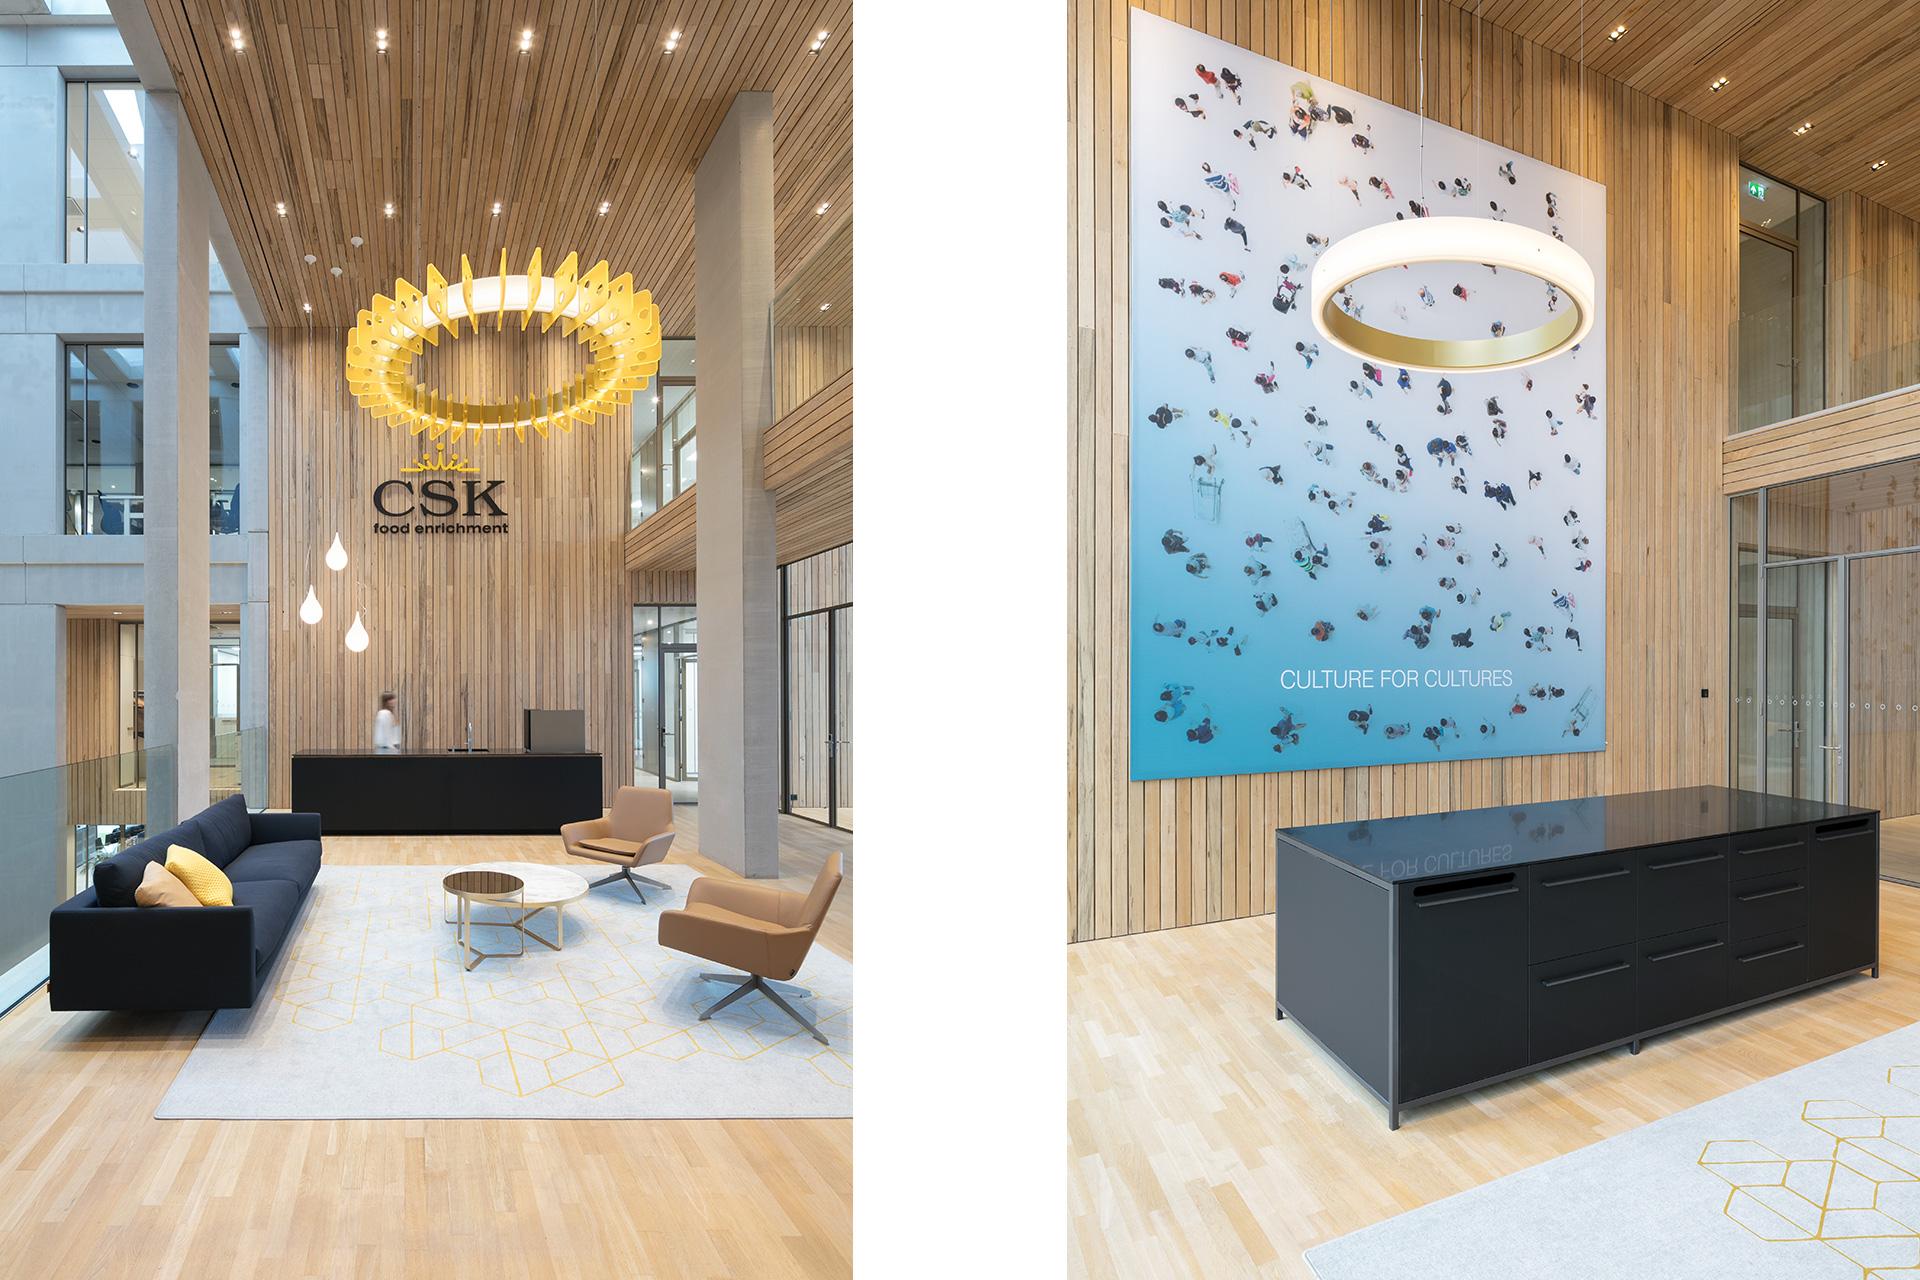 SP2017-CSK-Wageningen-Architectuurfoto2